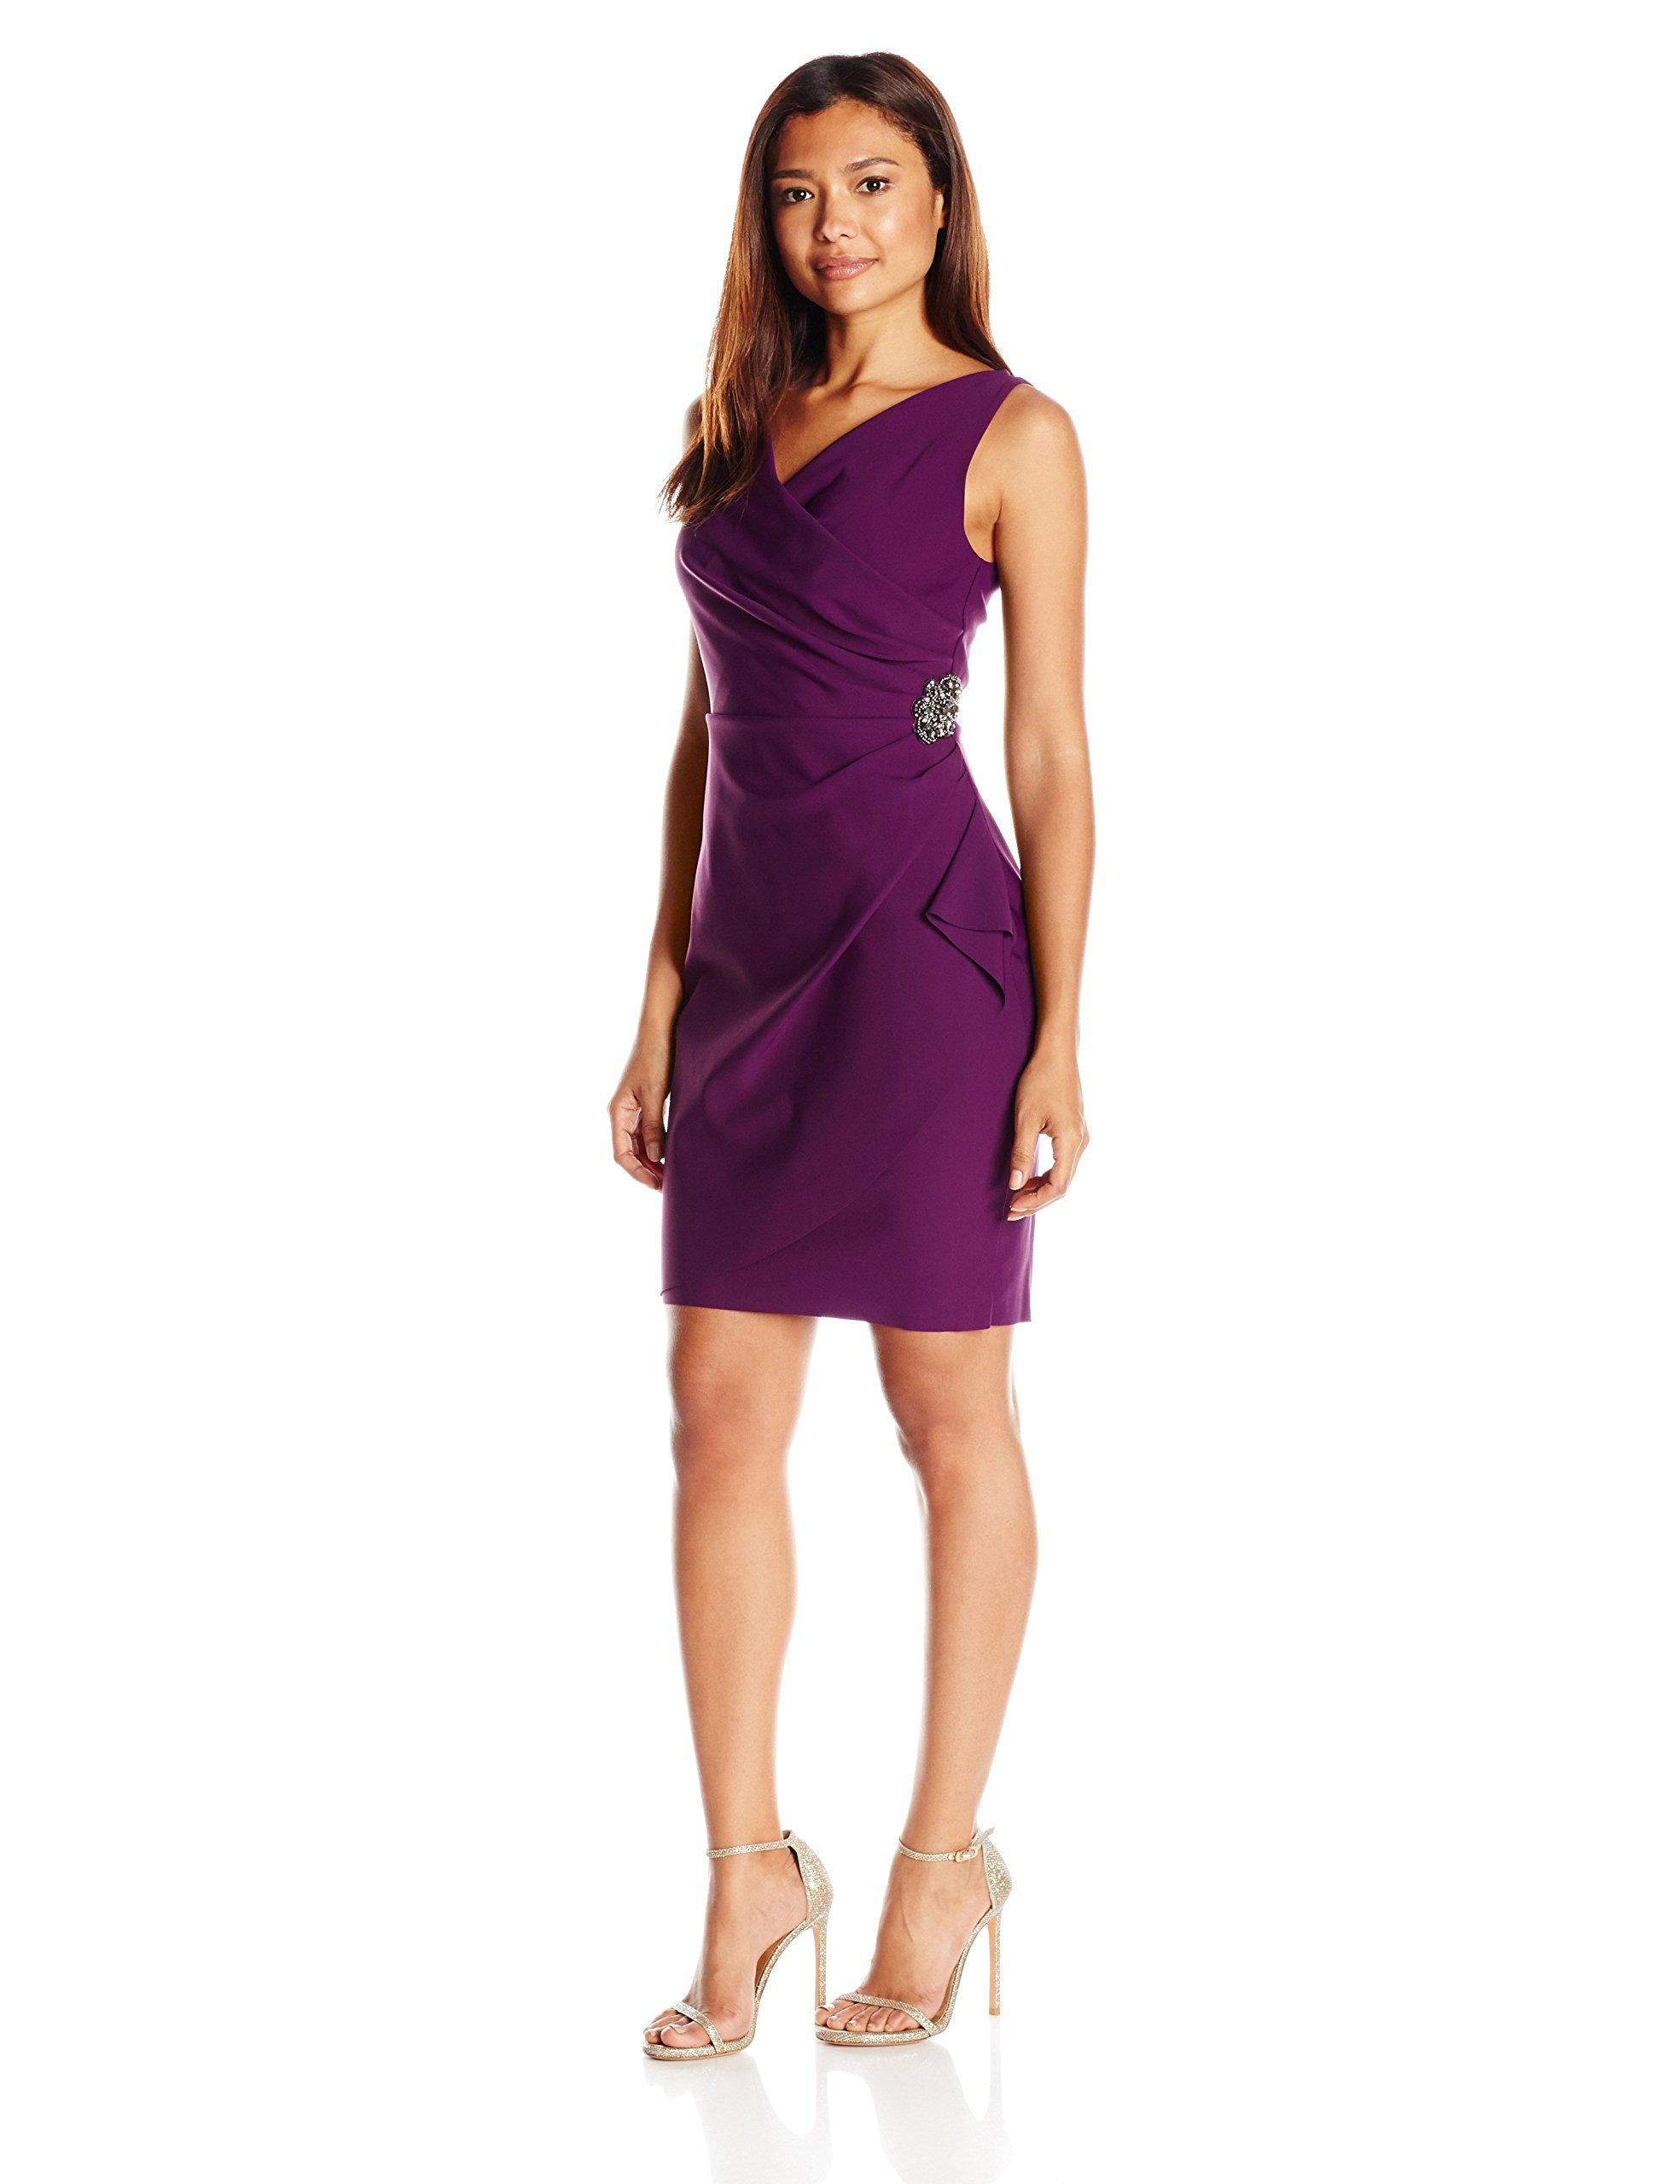 Alex Evenings Women's Petite Sleevless Ruched Dress with Cascade Ruffle Skirt, Summer Plum, 16 Petite